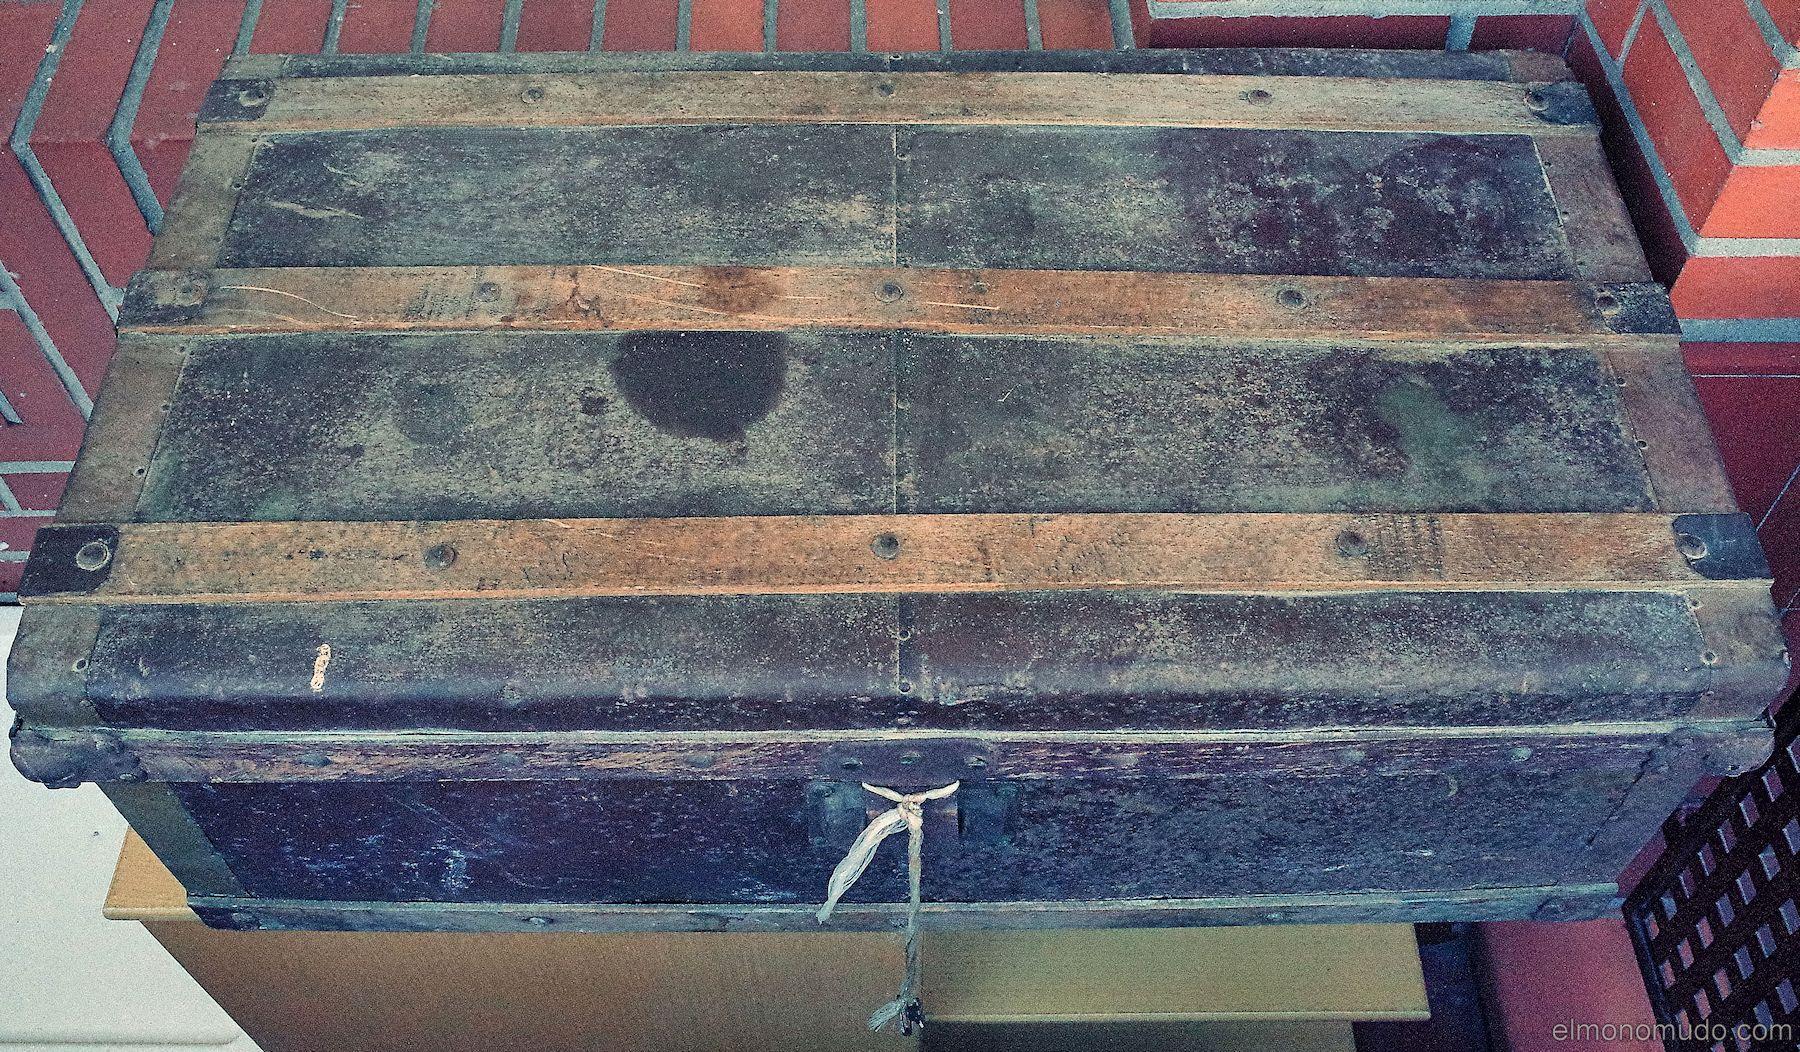 Restaurar ba l antiguo de madera y metal - Baul de madera antiguo ...